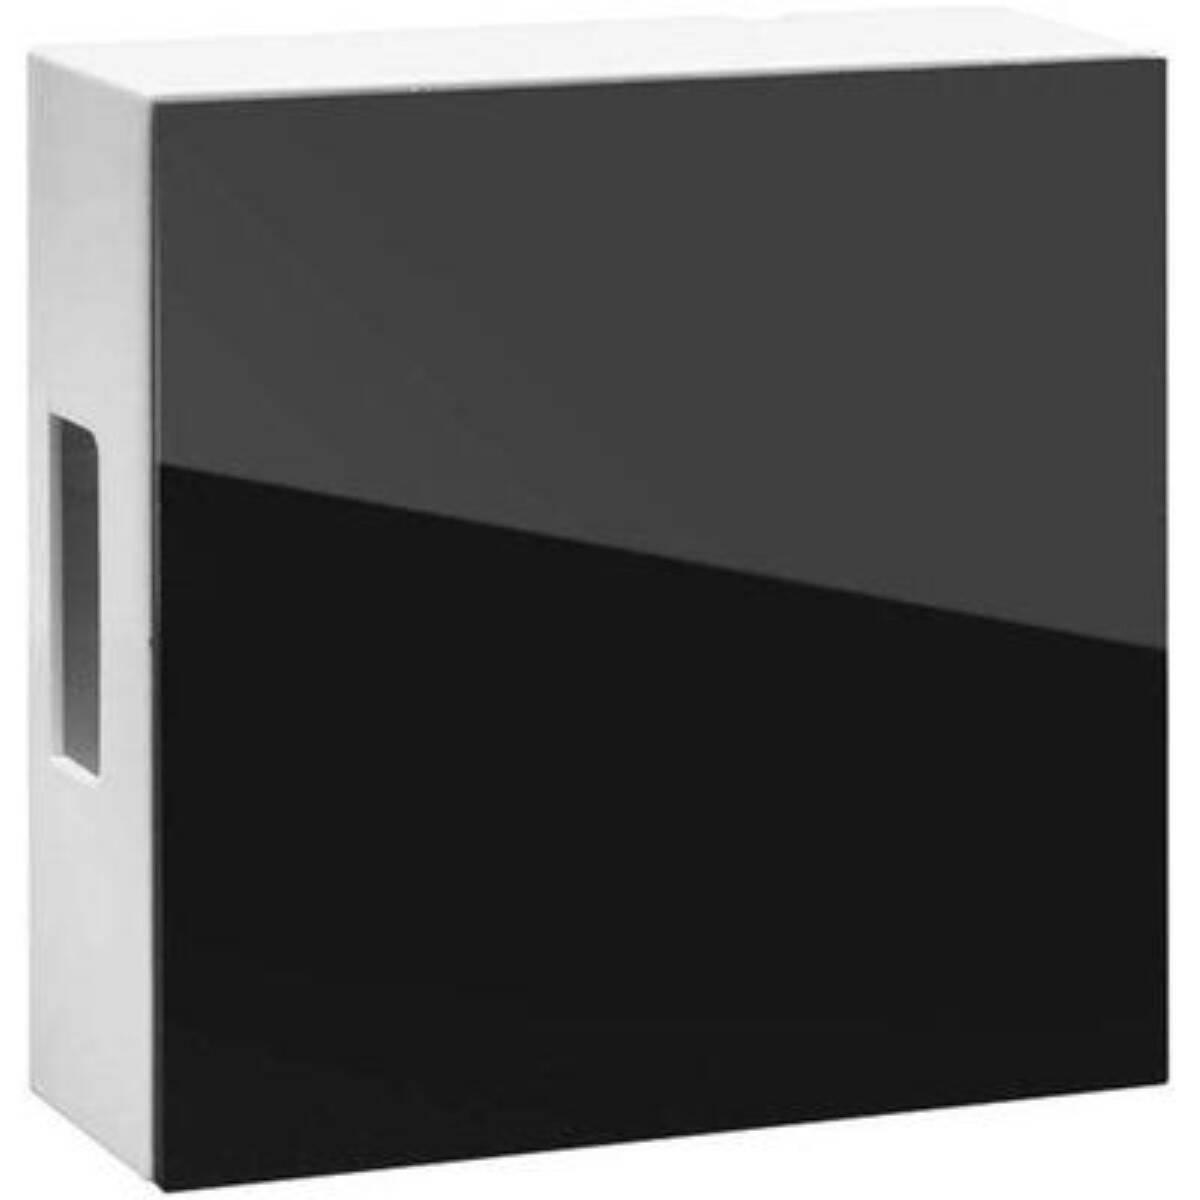 mechanischer gong schelle t rklingel klingel zweiklang. Black Bedroom Furniture Sets. Home Design Ideas